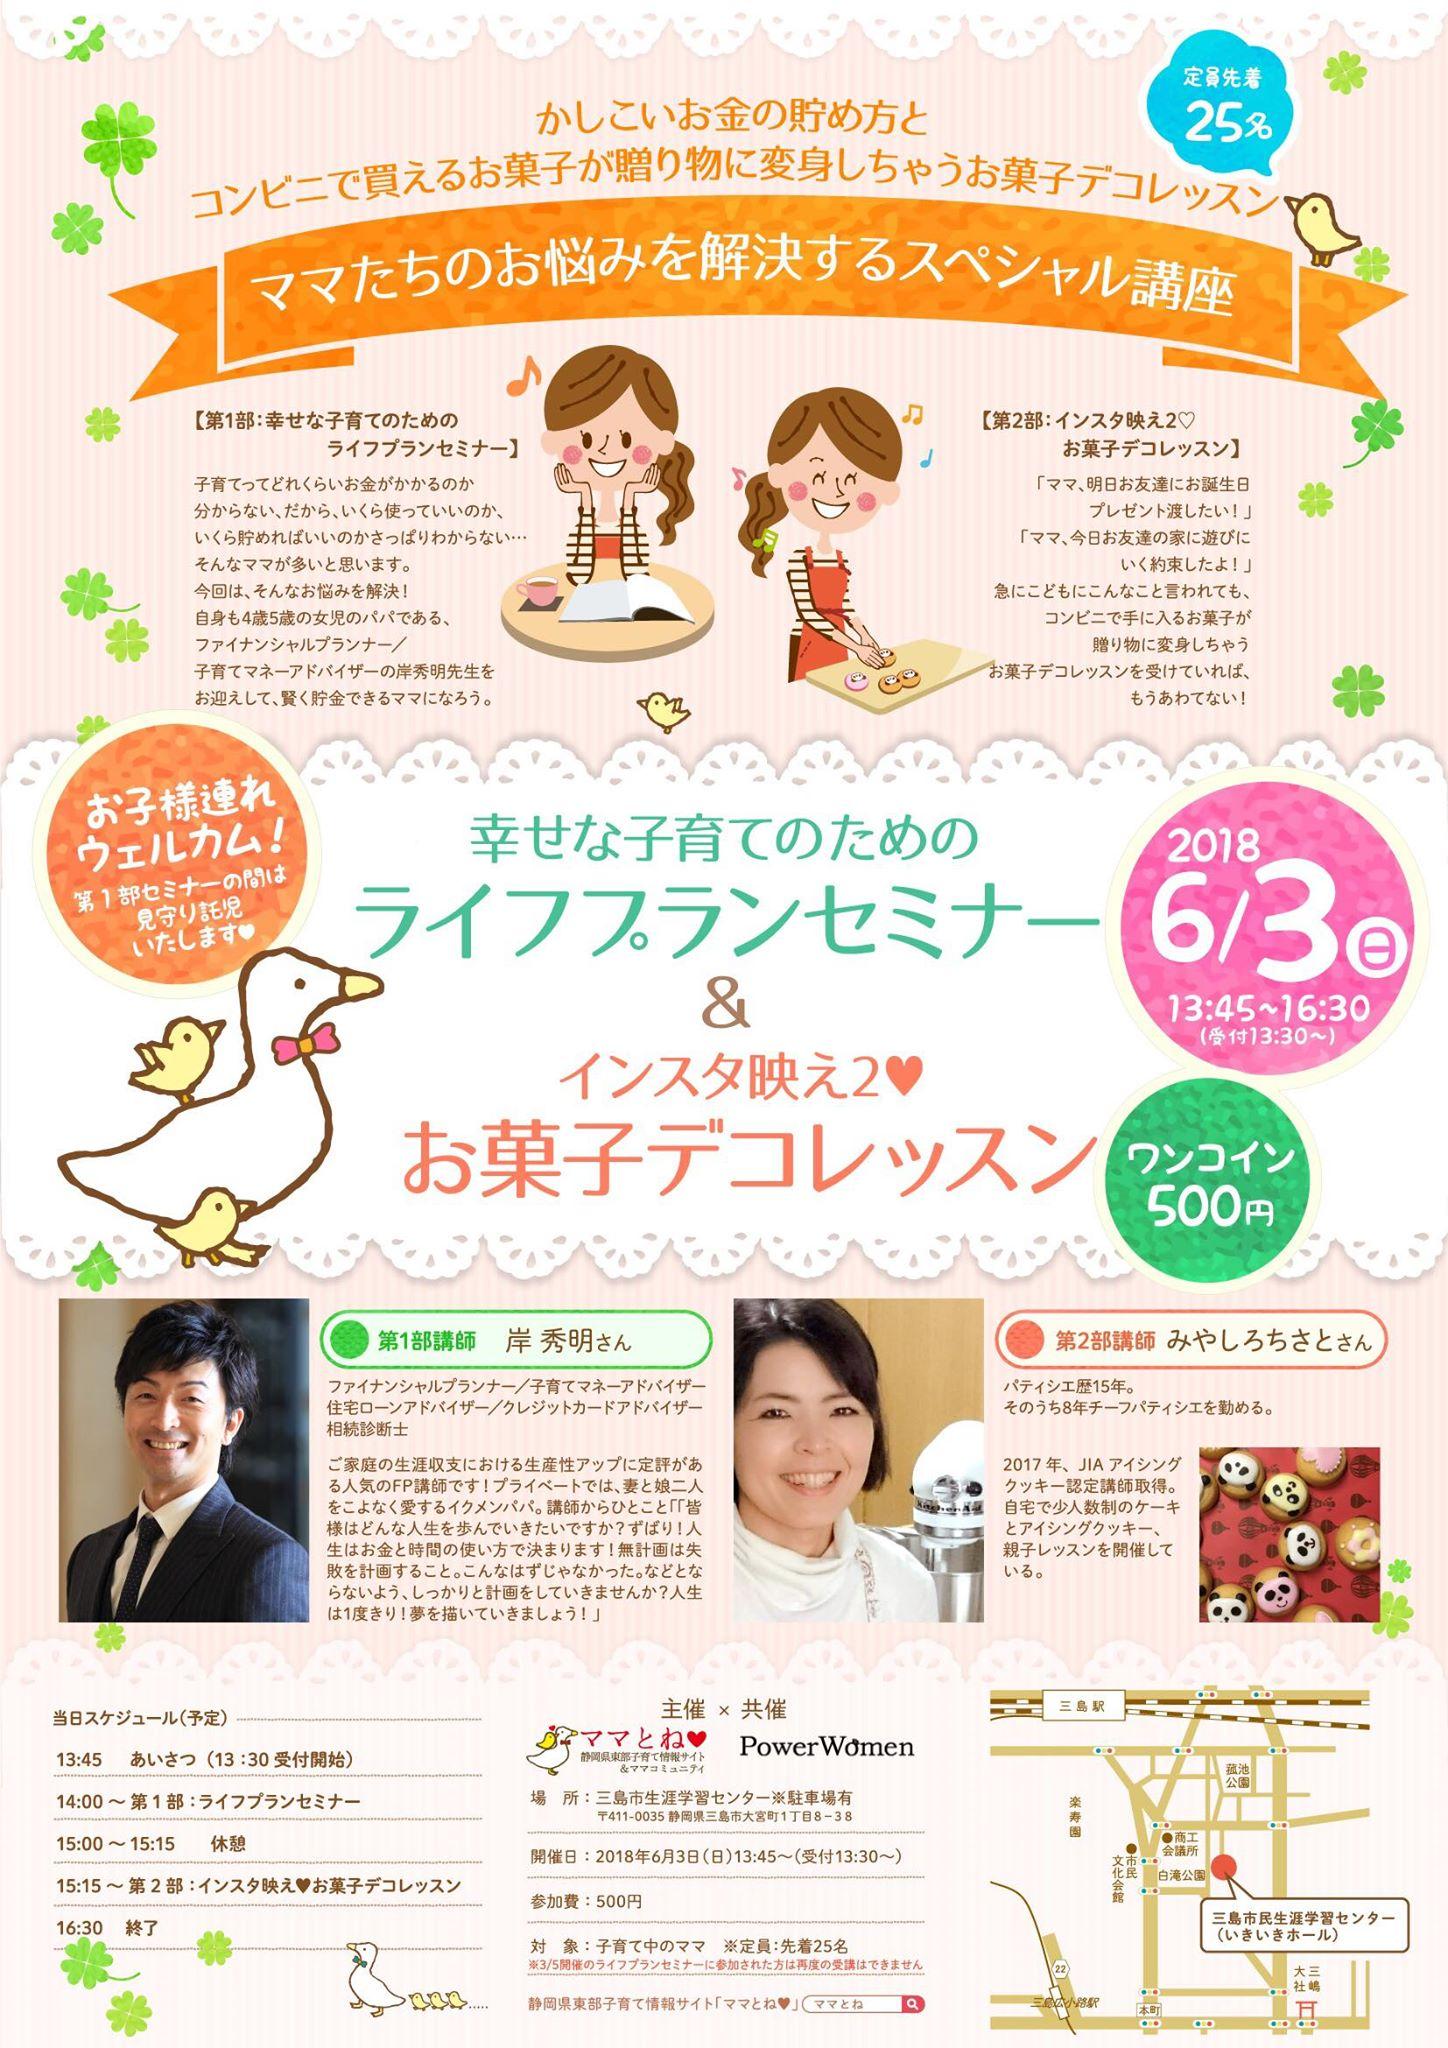 ワンコイン講座✨幸せな子育てのためのライフプランセミナー & インスタ映え♡お菓子デコレッスン